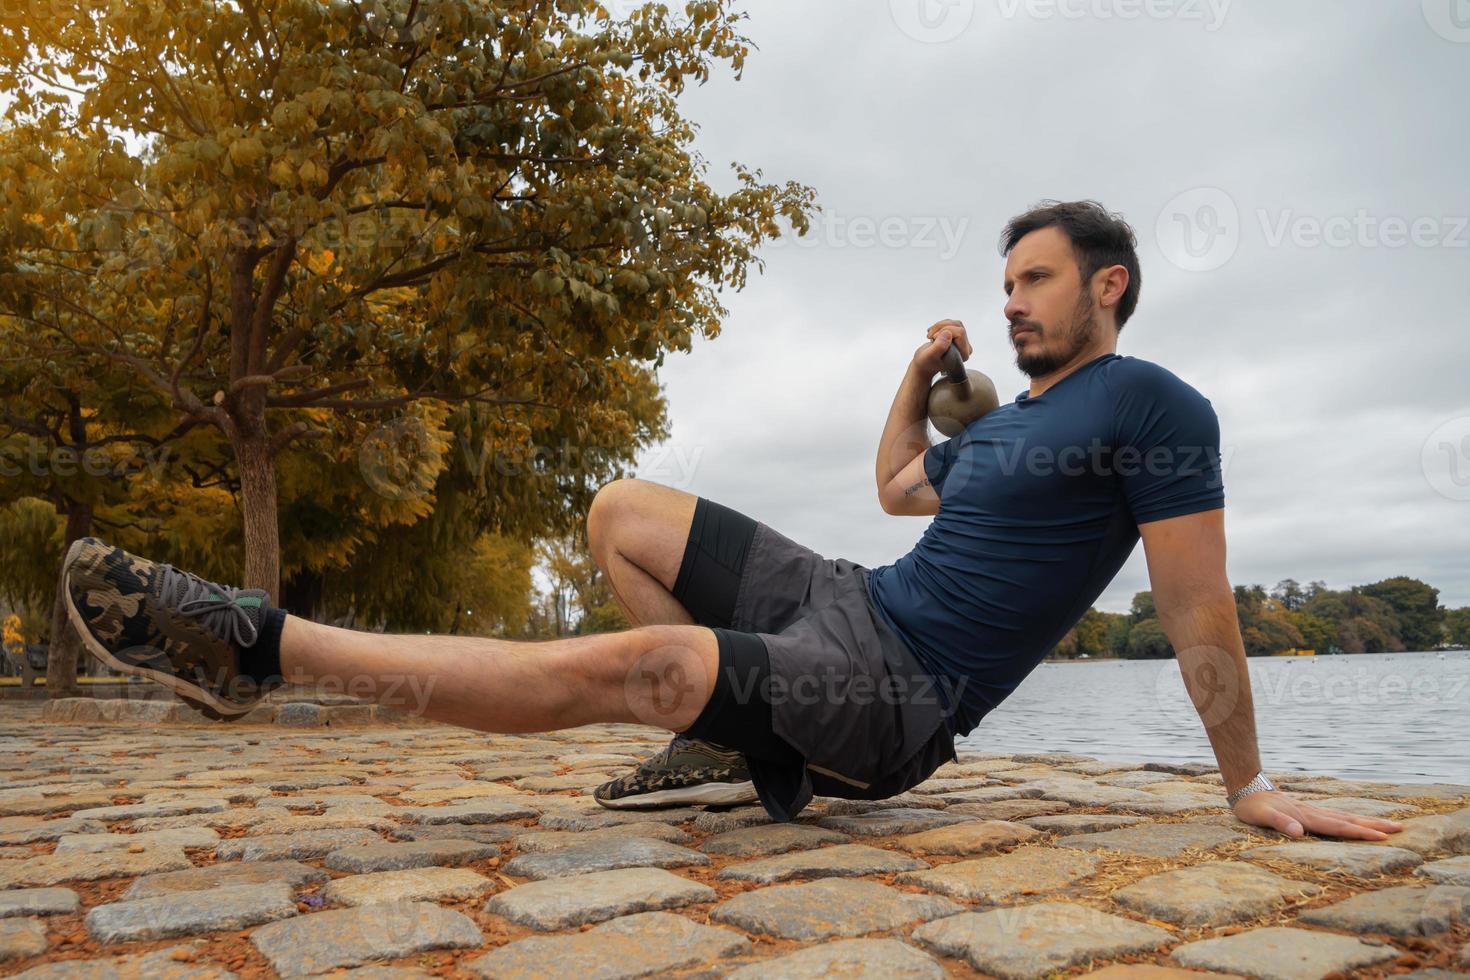 istruttore di fitness maschile che costruisce muscoli con bollitore nel parco foto